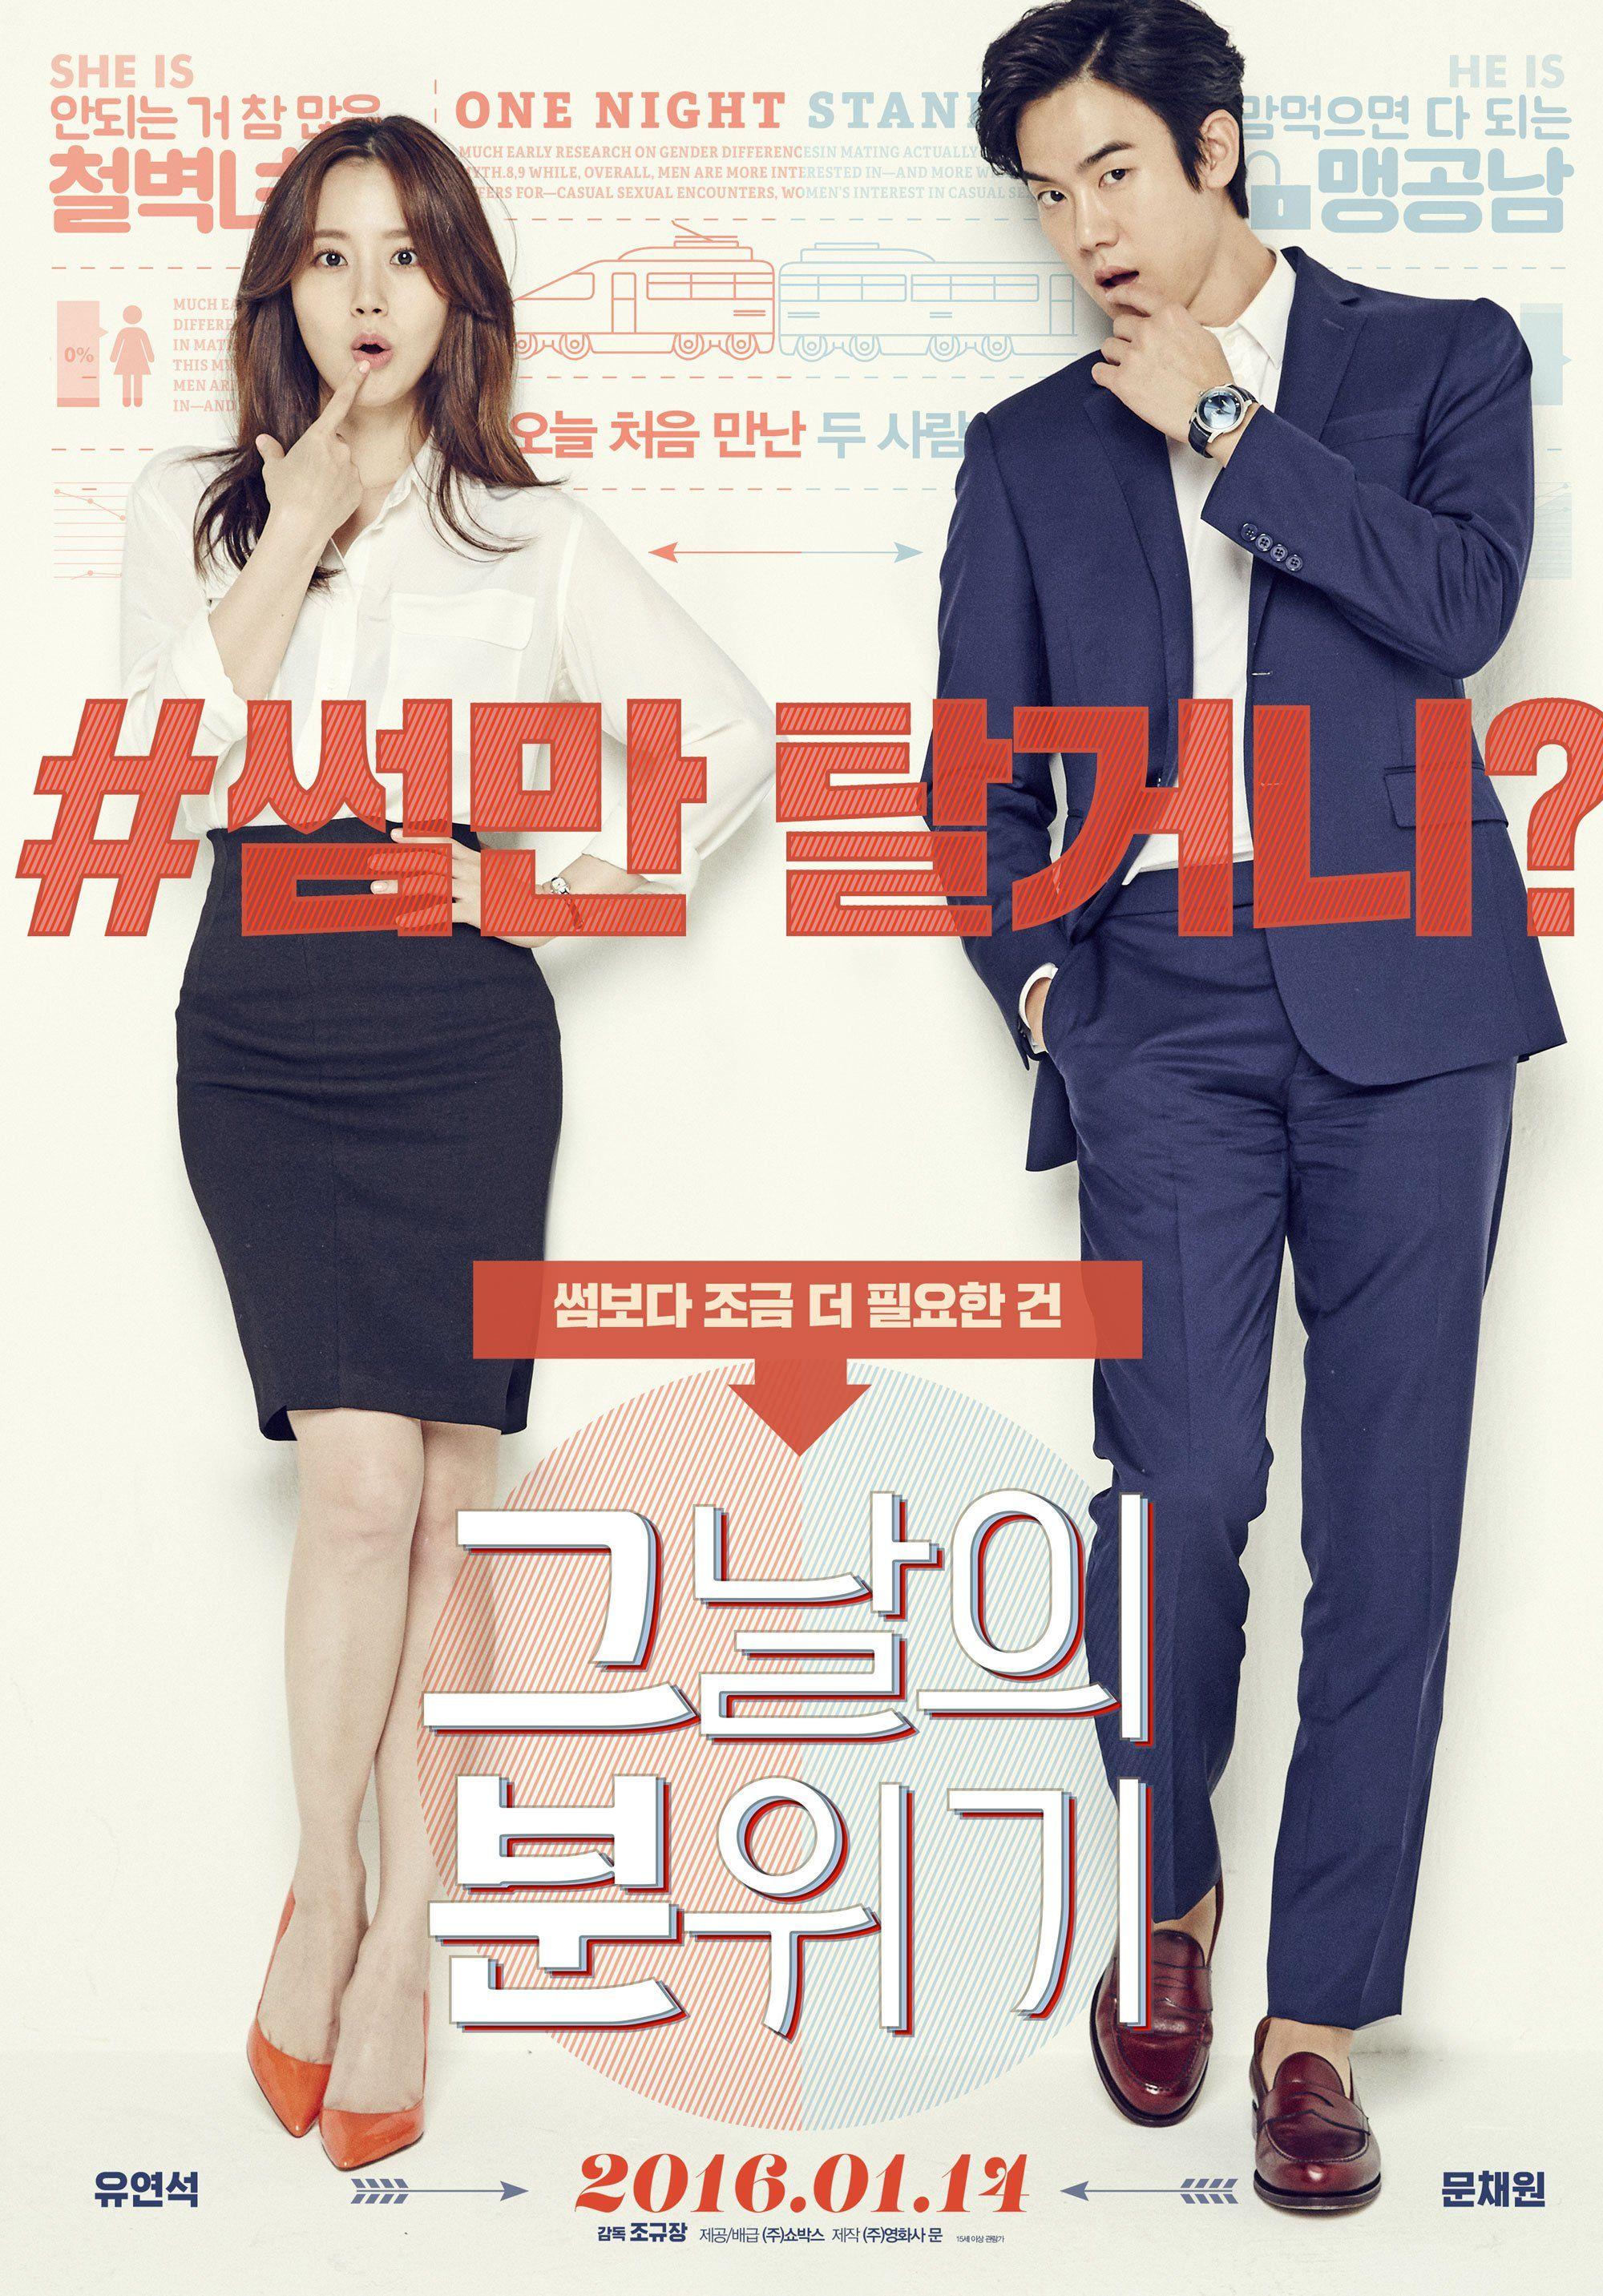 Yoo Yeon Seok sevenler için 2016 yapımı Mood of the day filminin konusunu ve yorumumu yazdım:  nabrutvebiz.blogspot.com.tr/2016/05/mood-of-day-konu-ve-yorumum.html